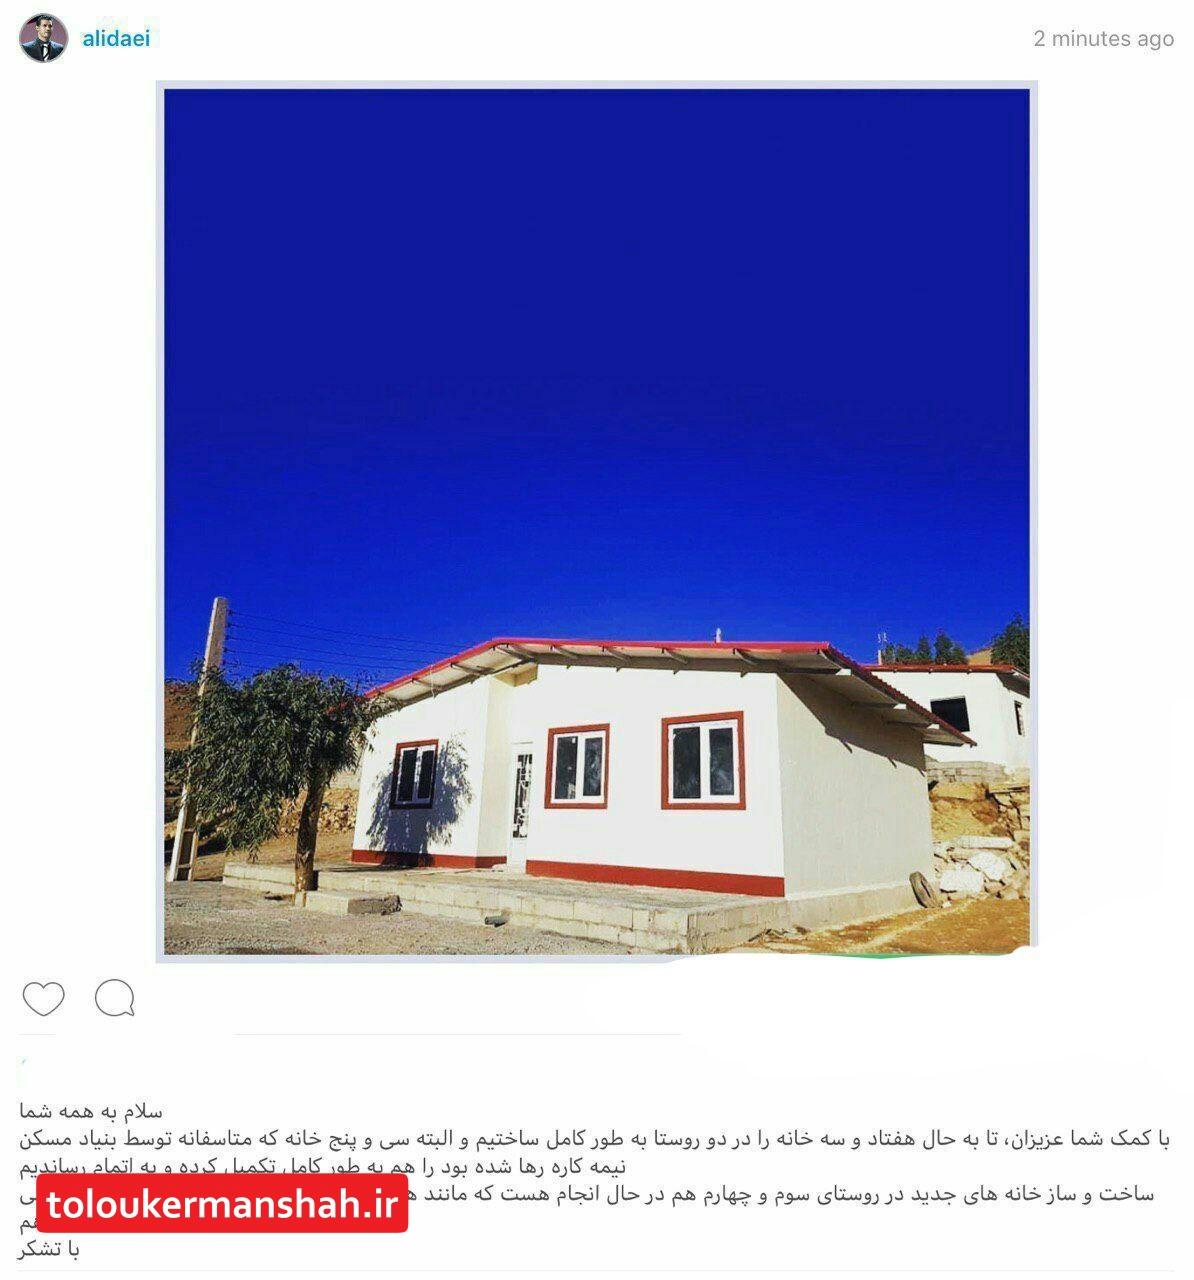 ۳۵ خانه نیمه کاره در مناطق زلزله زده کرمانشاه که توسط بنیاد مسکن رها شده بود به همت علی دایی تکمیل شد